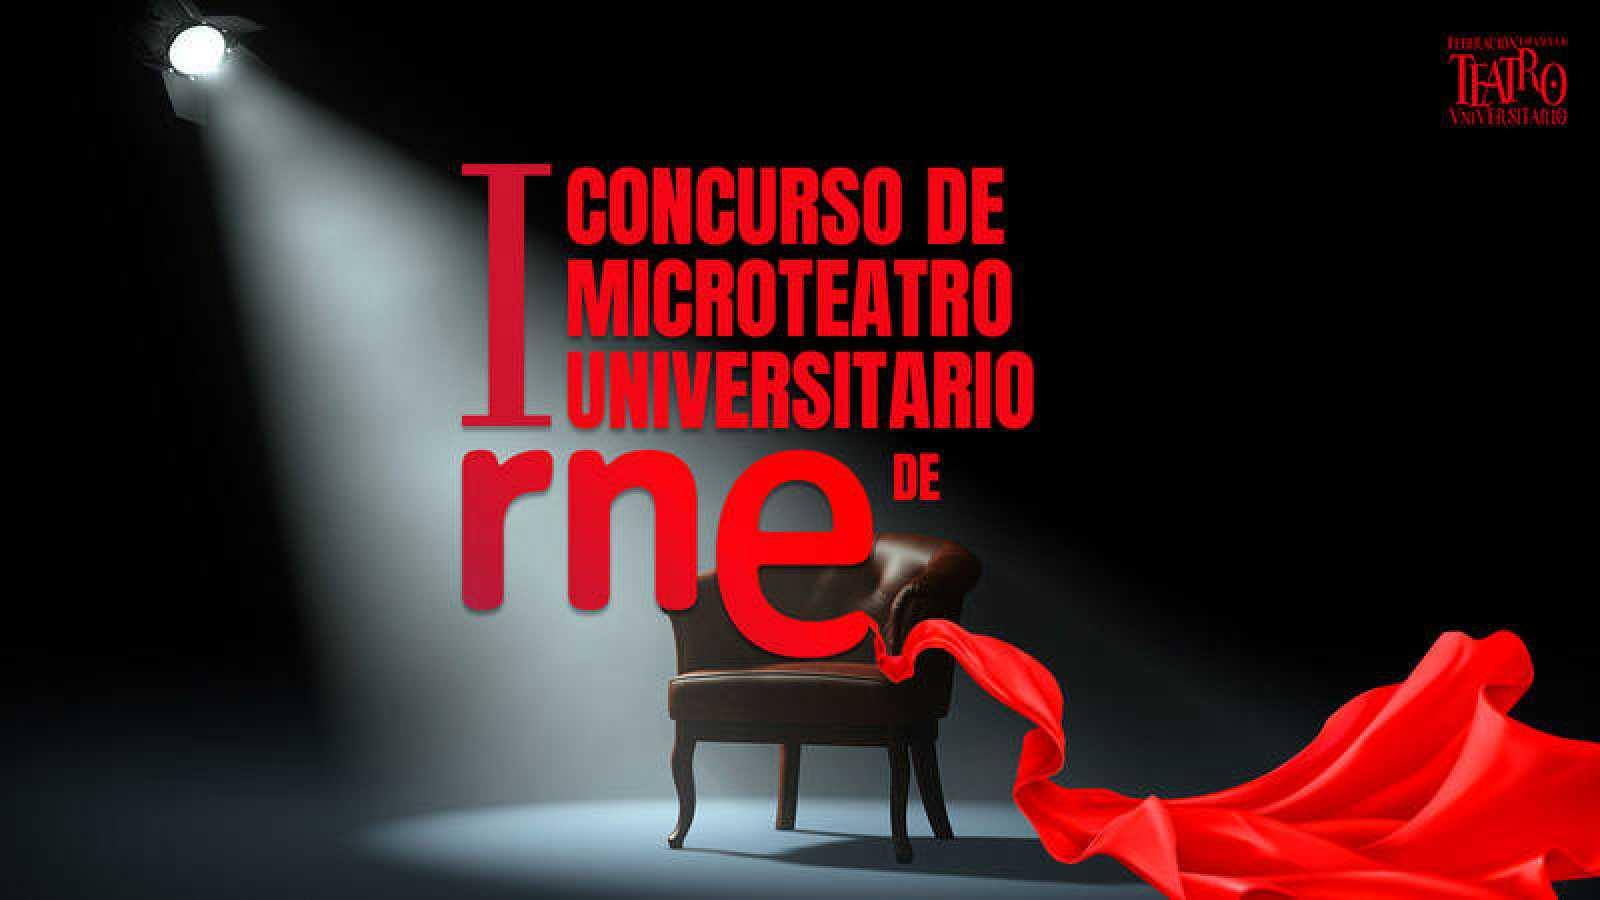 Cartel del I Concurso de Microteatro Universitario de RNE.